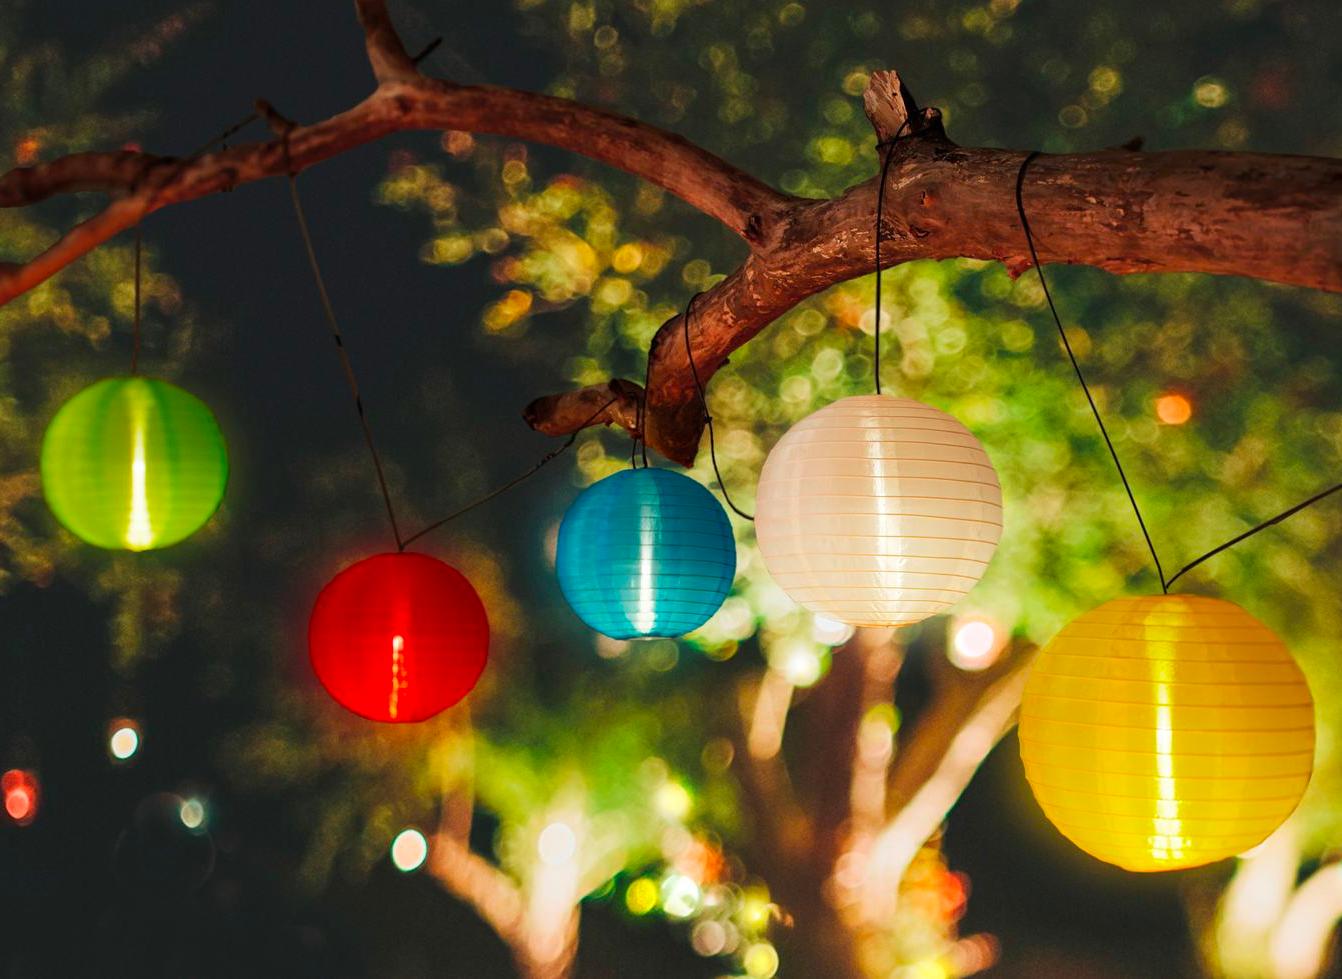 Die Funf Bunten Lampions Bringen Eine Gemutliche Beleuchtung Auf Deinen Balkon Oder Deine Terrasse Als Solarleuchte Funktion Solarleuchten Lampions Dekorieren